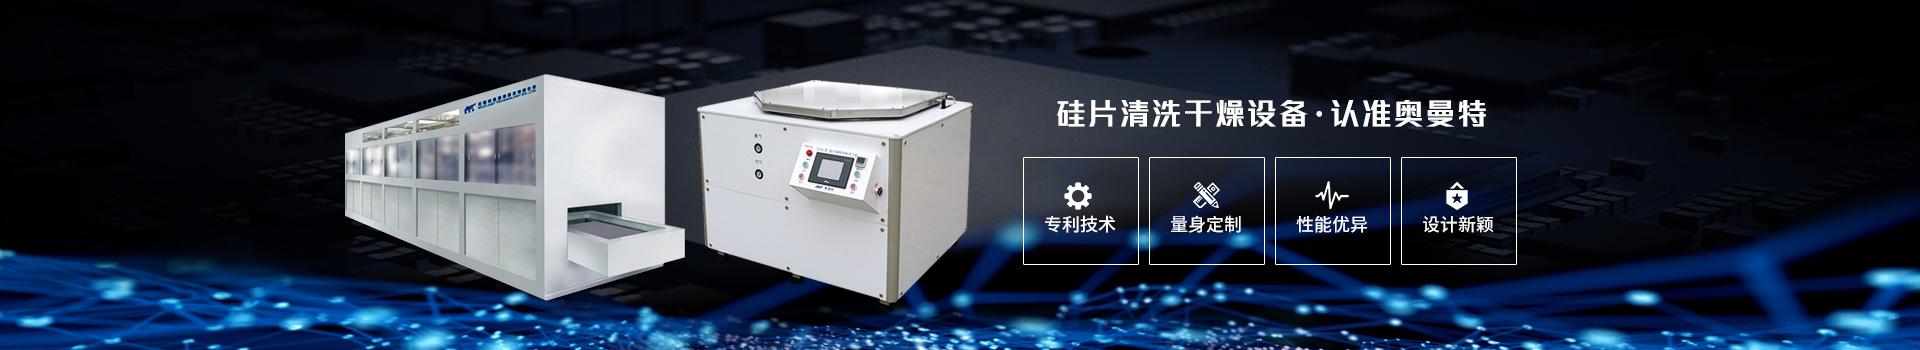 硅片清洗干燥设备  认准奥曼特